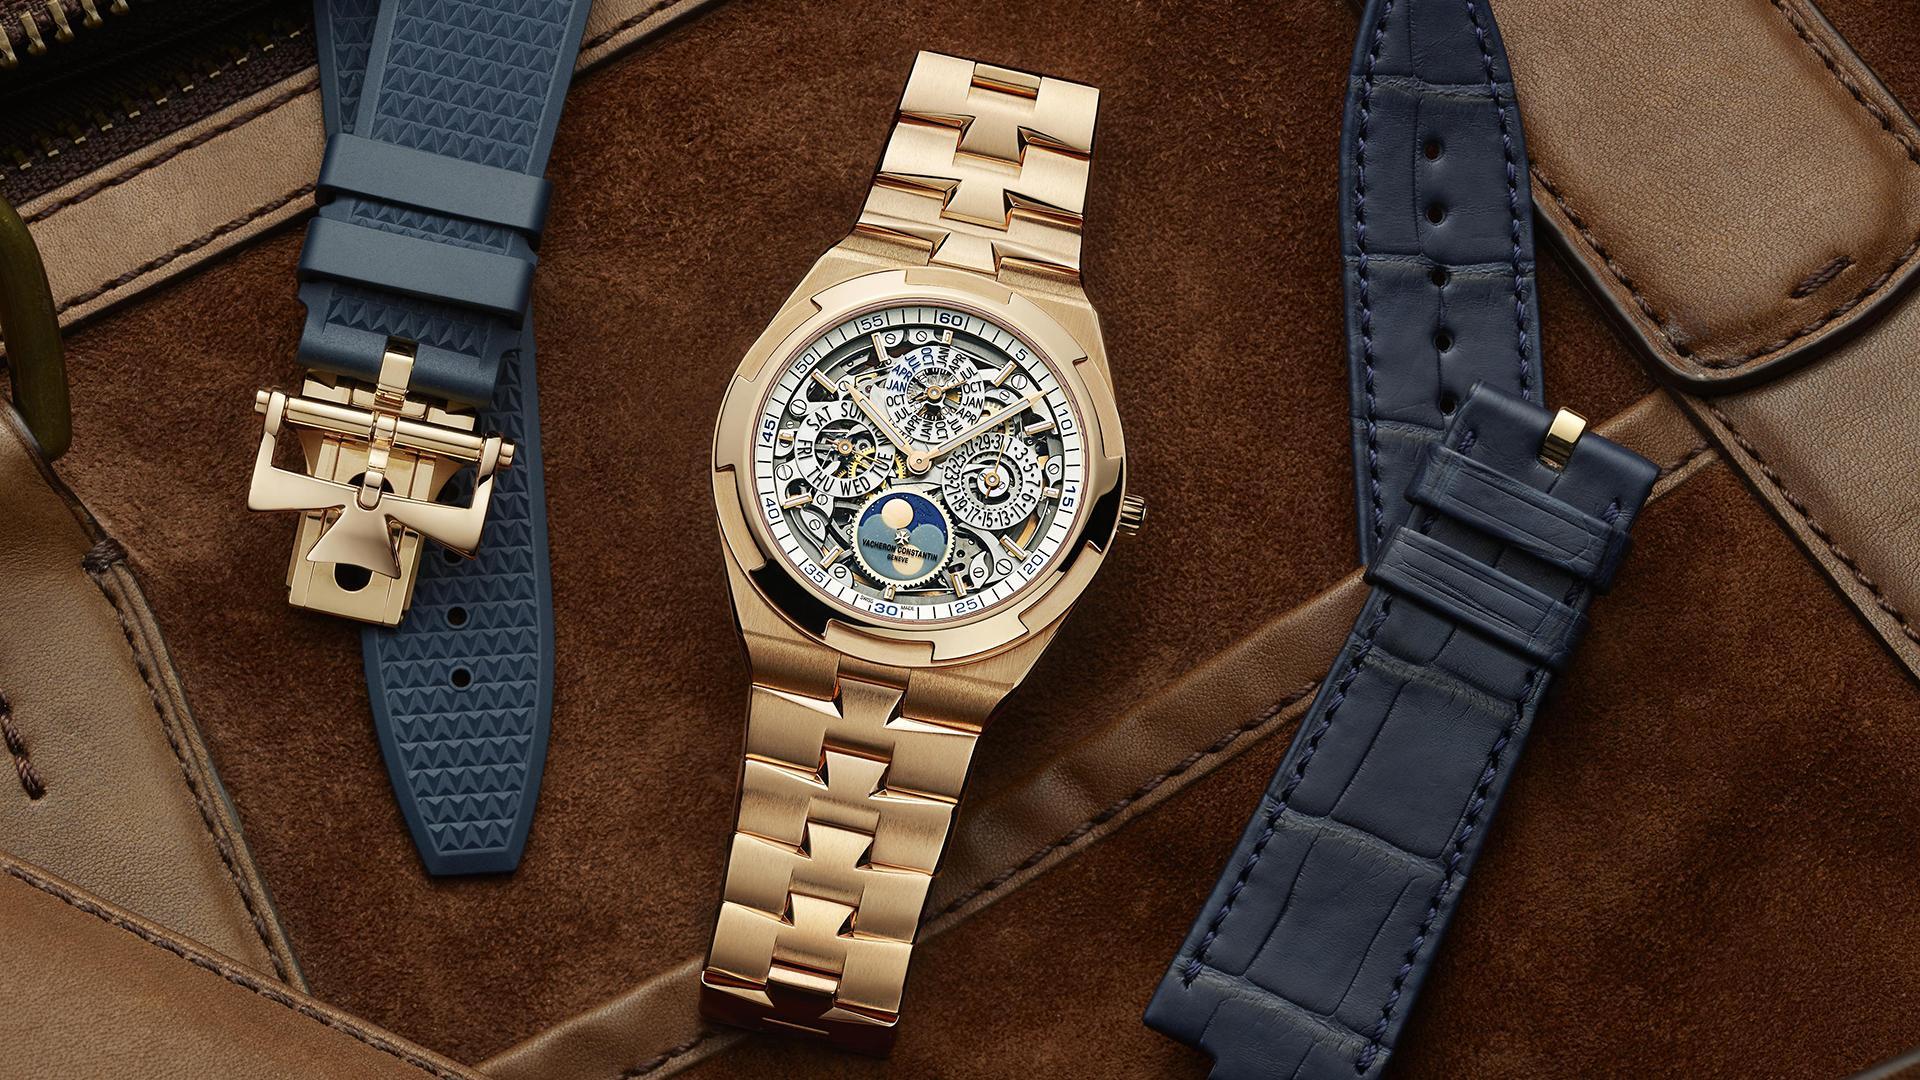 Vacheron Constantin Overseas Perpetual Calendar Ultra-Thin Skeleton watch